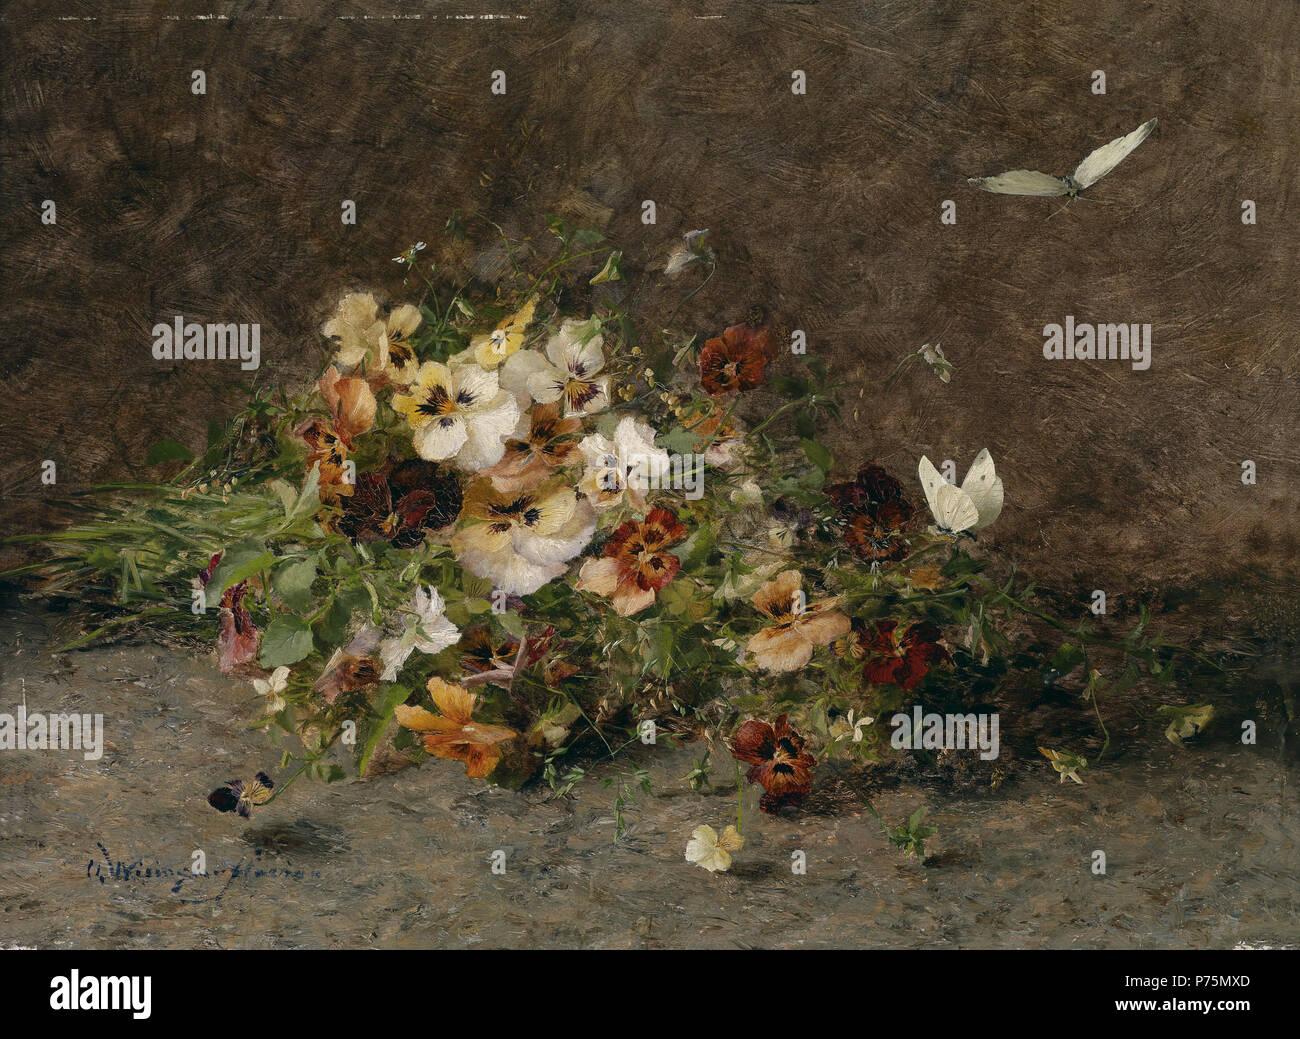 173 Olga Wisinger-Florian Stiefmütterchen und Schmetterlinge - Stock Image